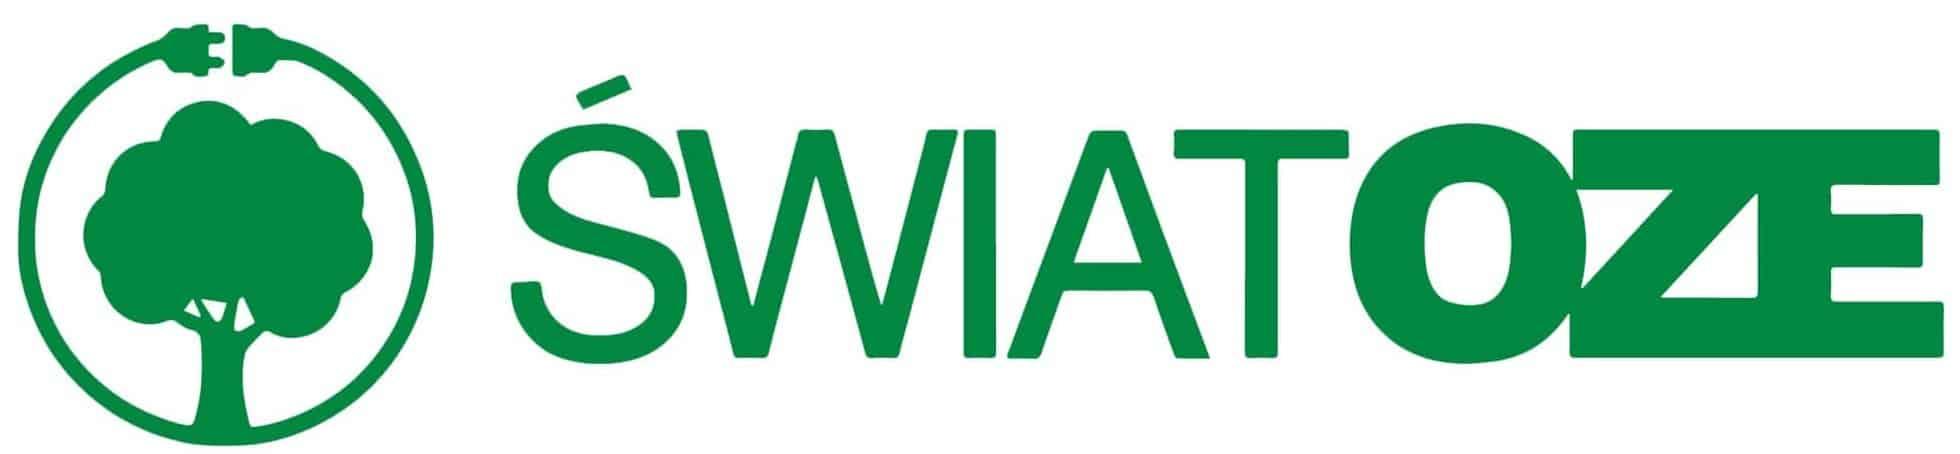 ŚwiatOZE logo